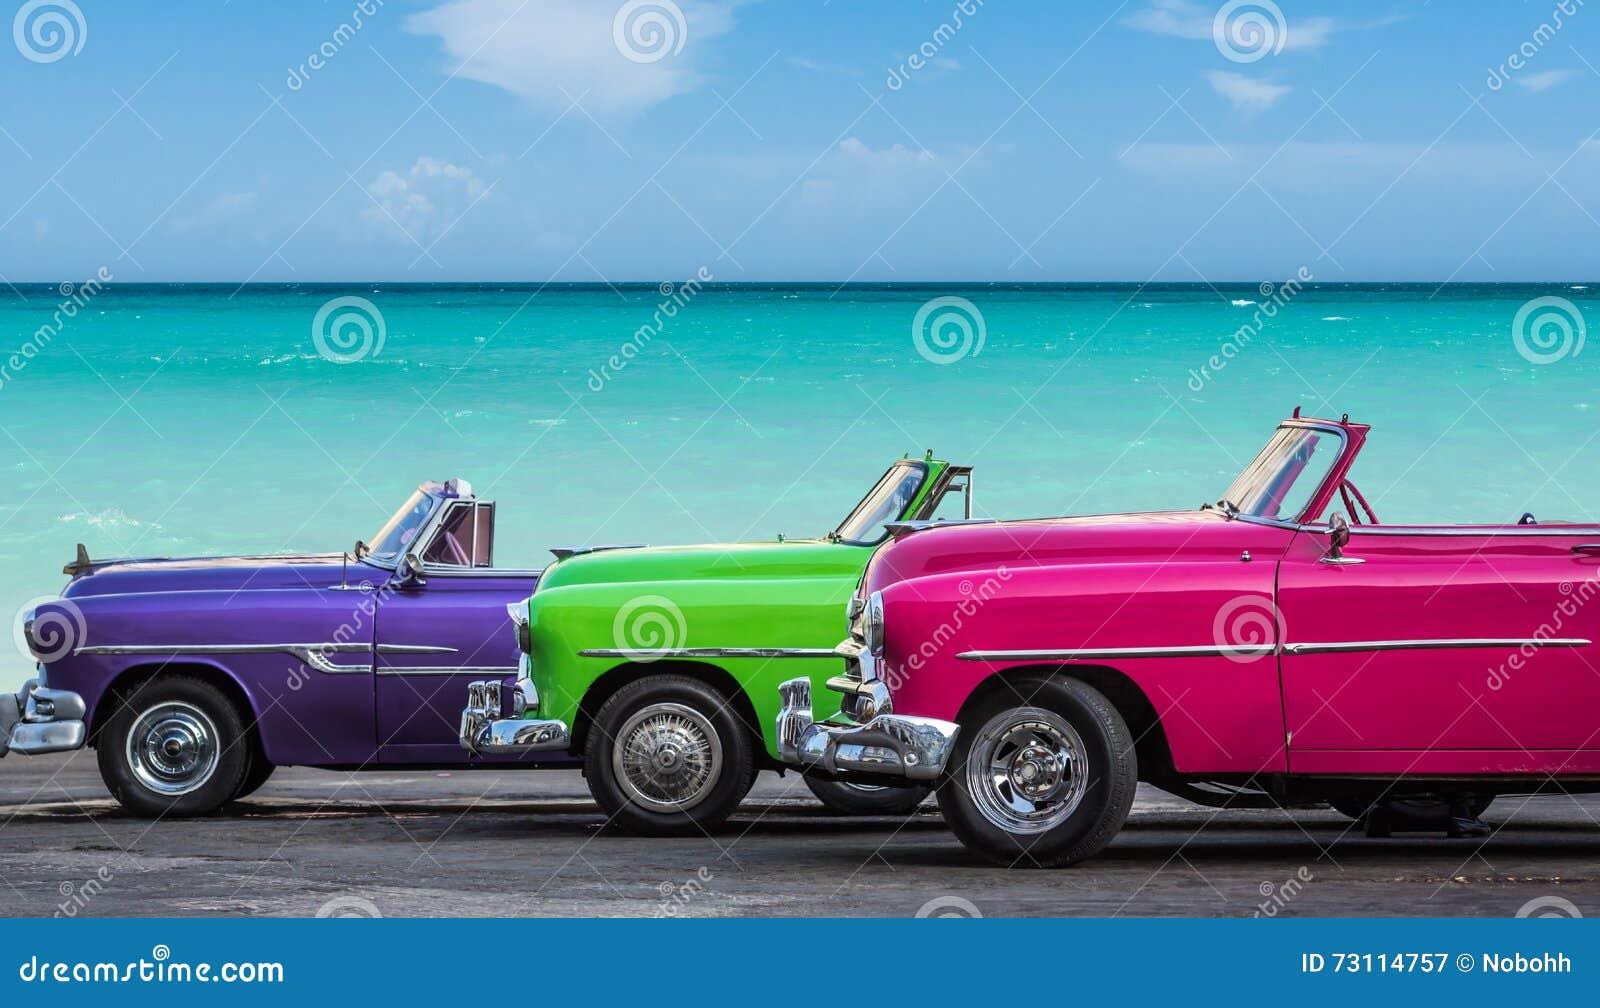 Αμερικανικό κλασικό αυτοκίνητο καμπριολέ τρία που σταθμεύουν στην παραλία στο ρεπορτάζ Varadero - Serie Kuba 2016